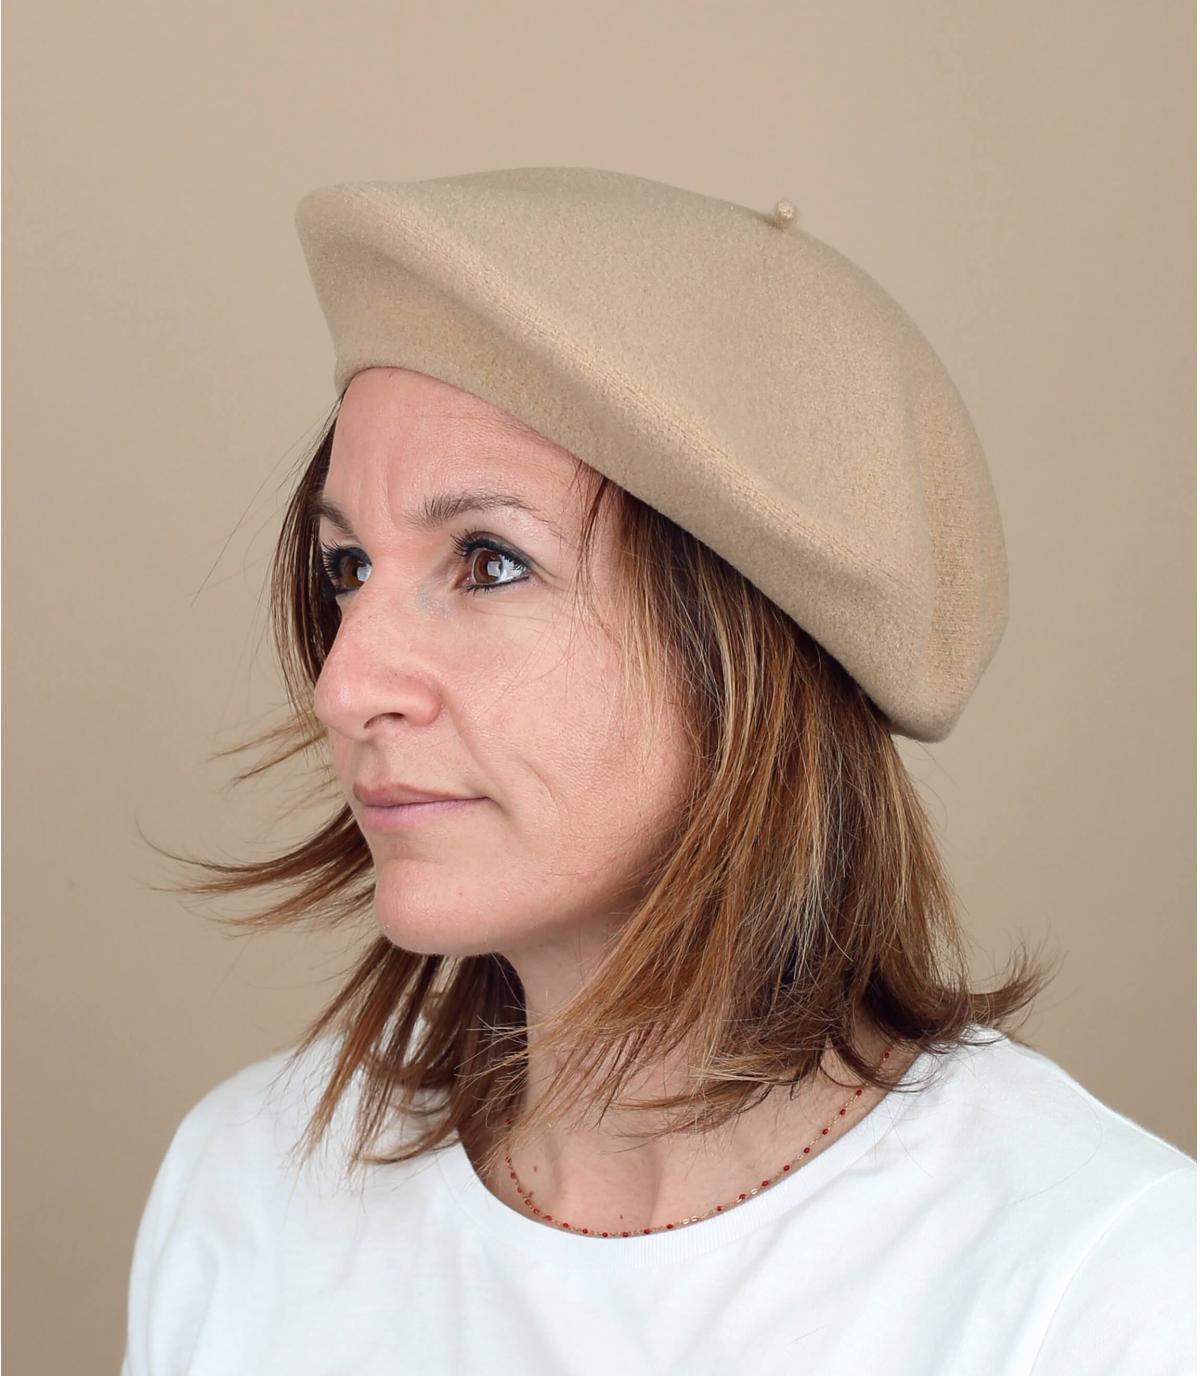 beige flat cap Laulhère